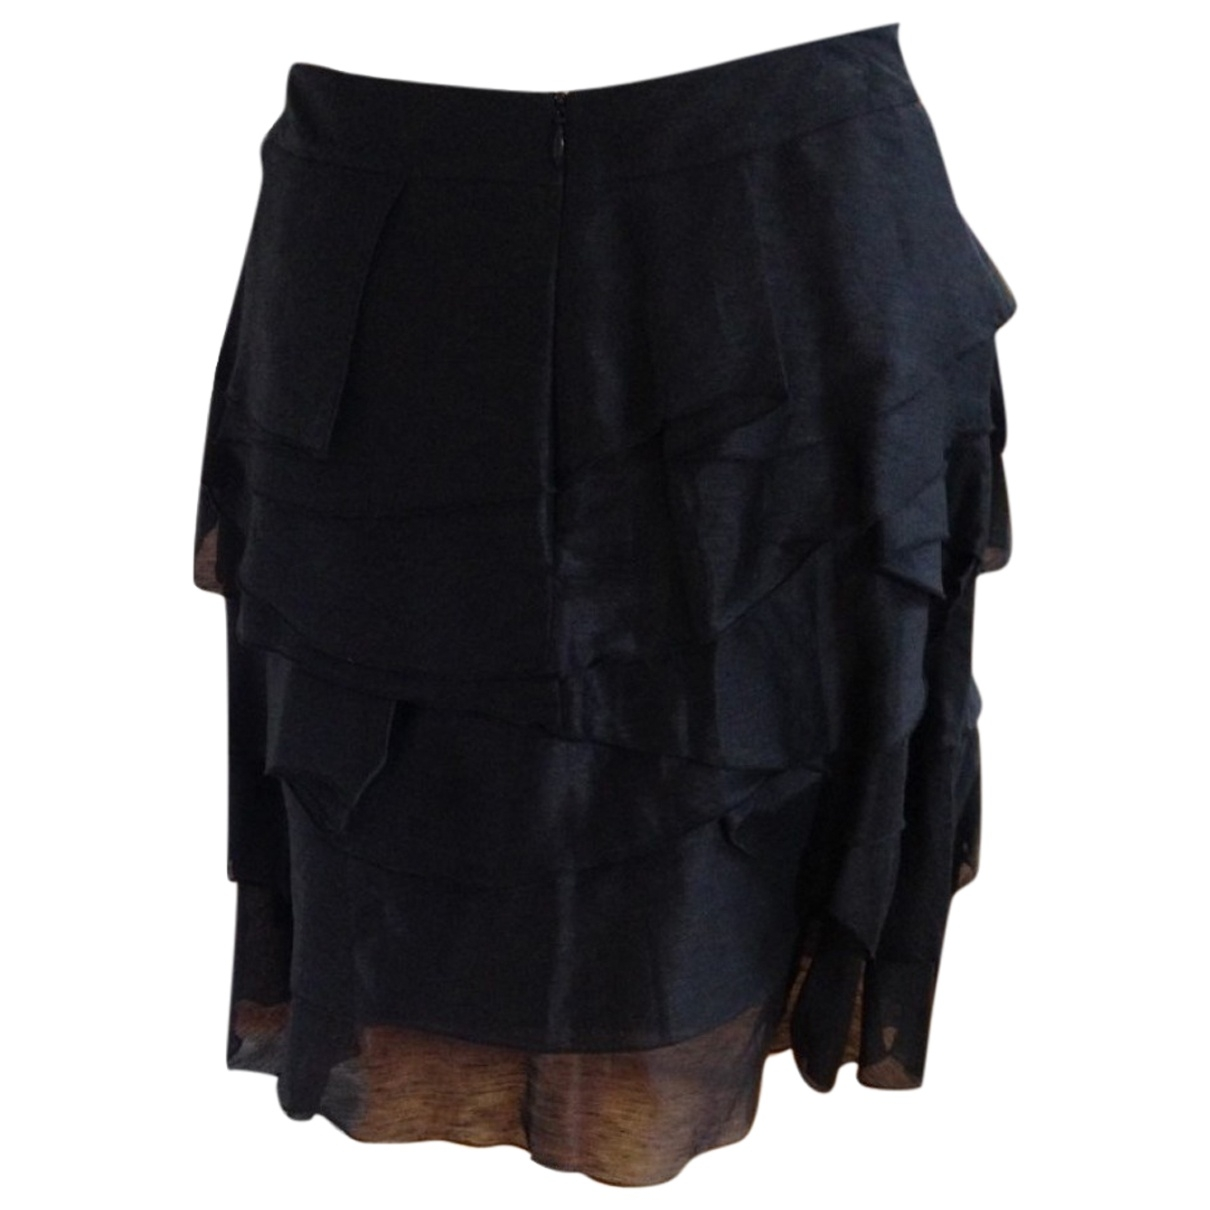 Reiss - Jupe   pour femme en lin - noir